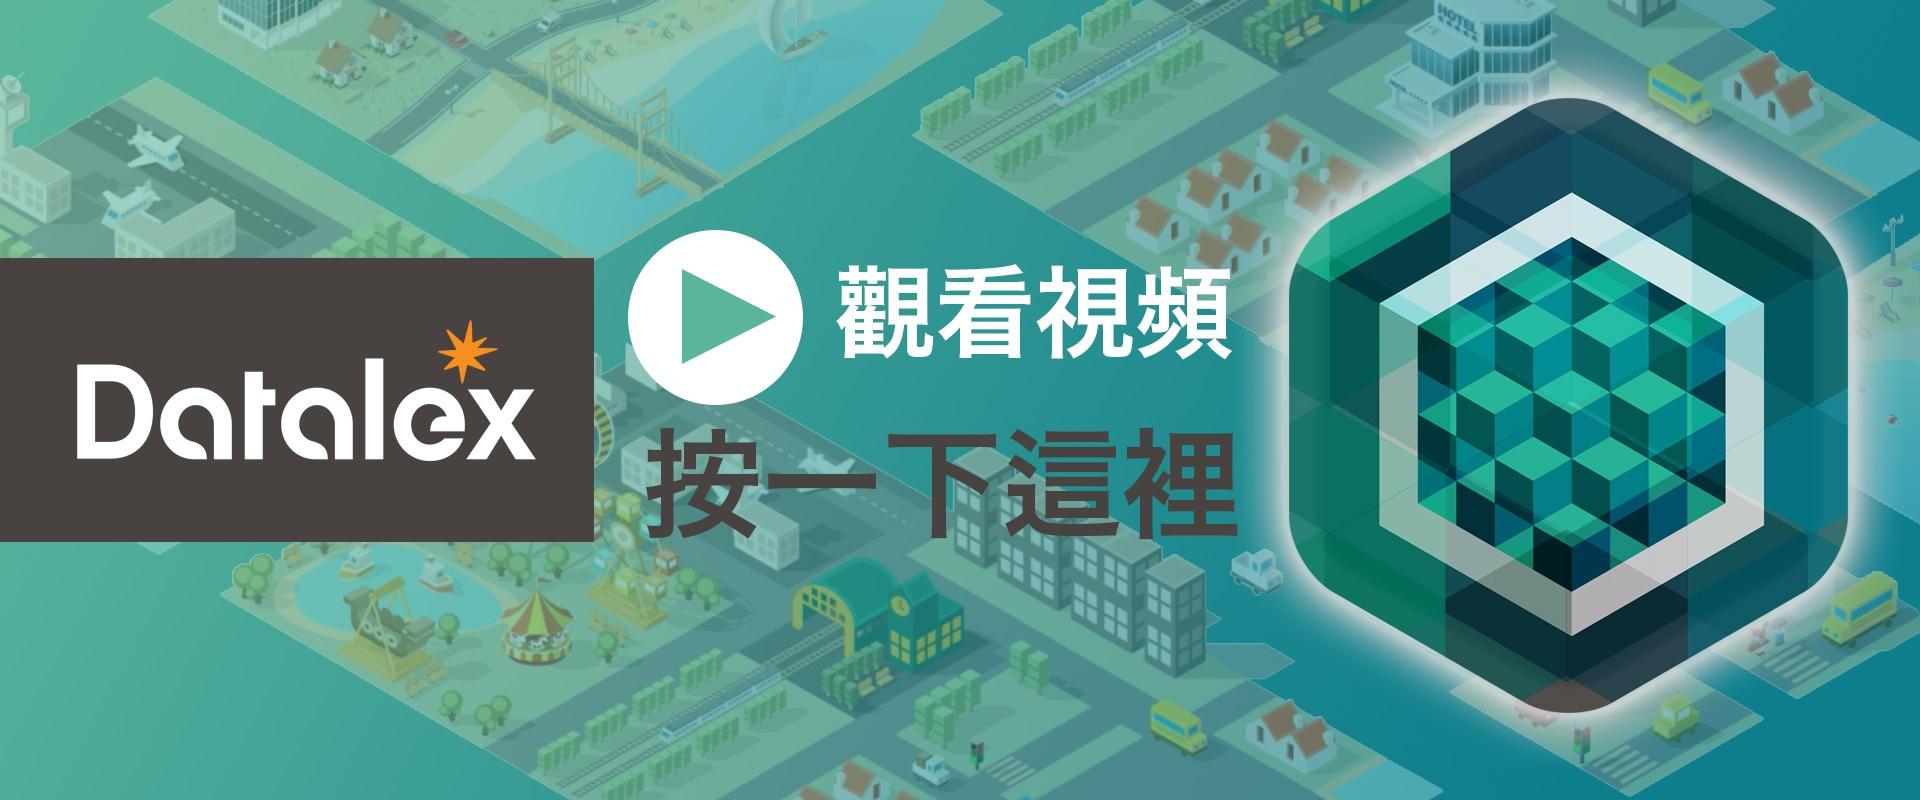 Datalex Platform Video